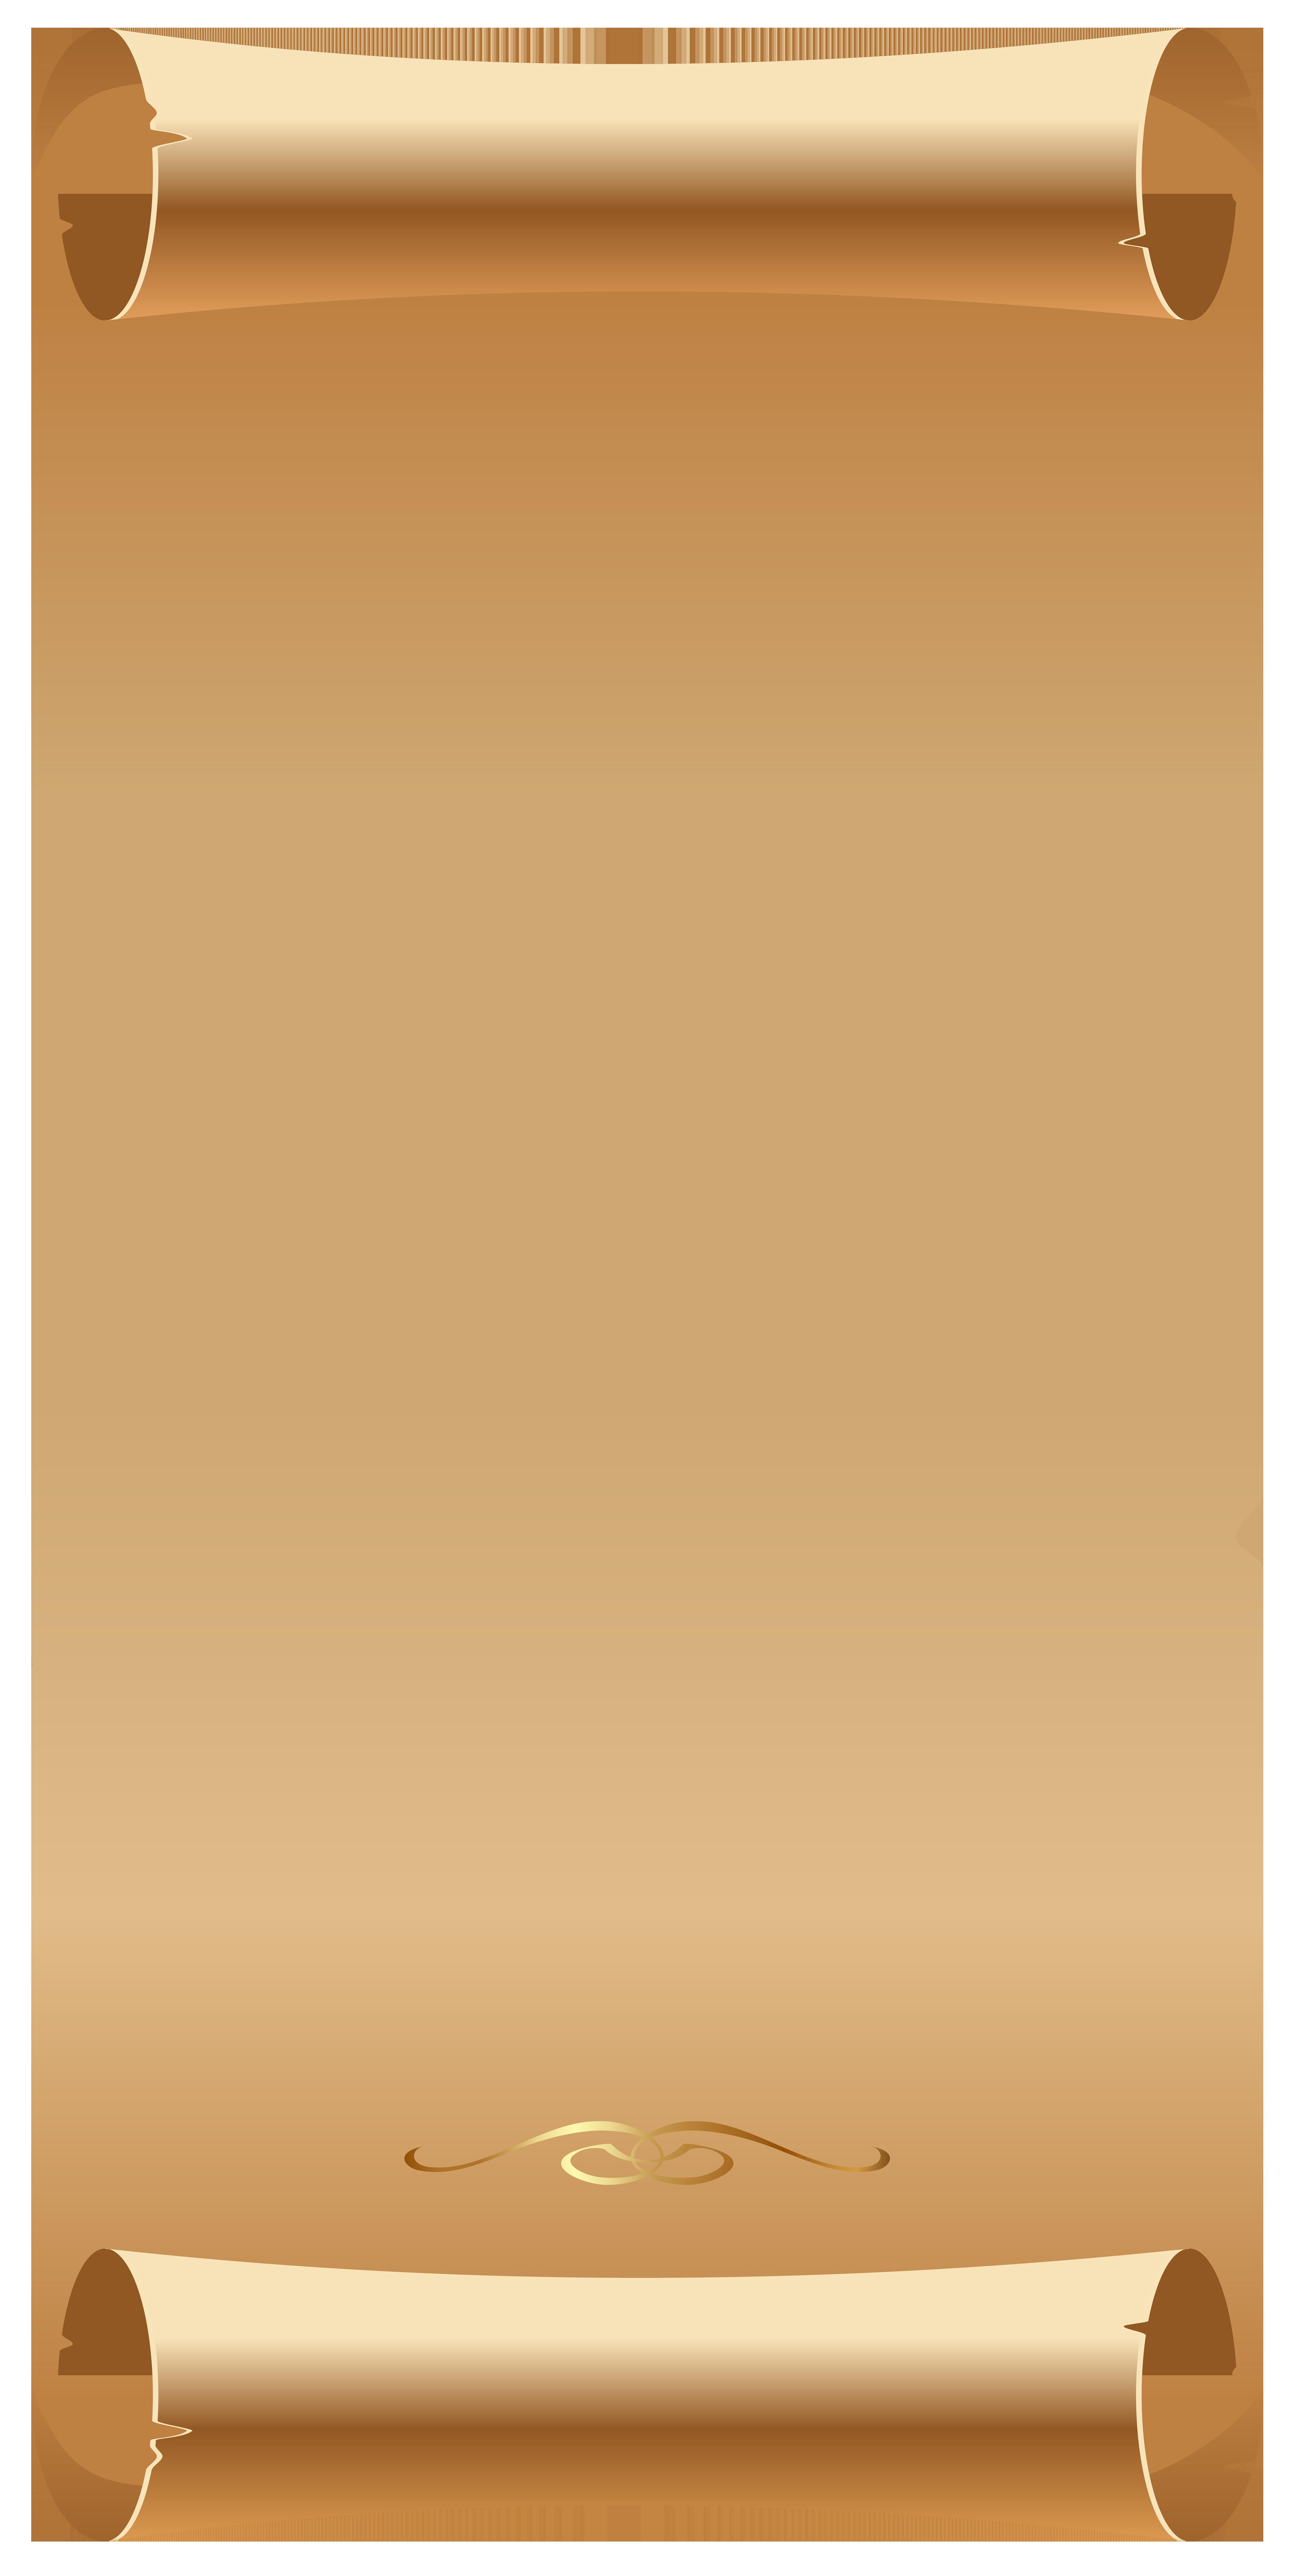 Long Scrolled Paper Png Clip Art Png Image Frame Border Design Phone Wallpaper Patterns Old Paper Background